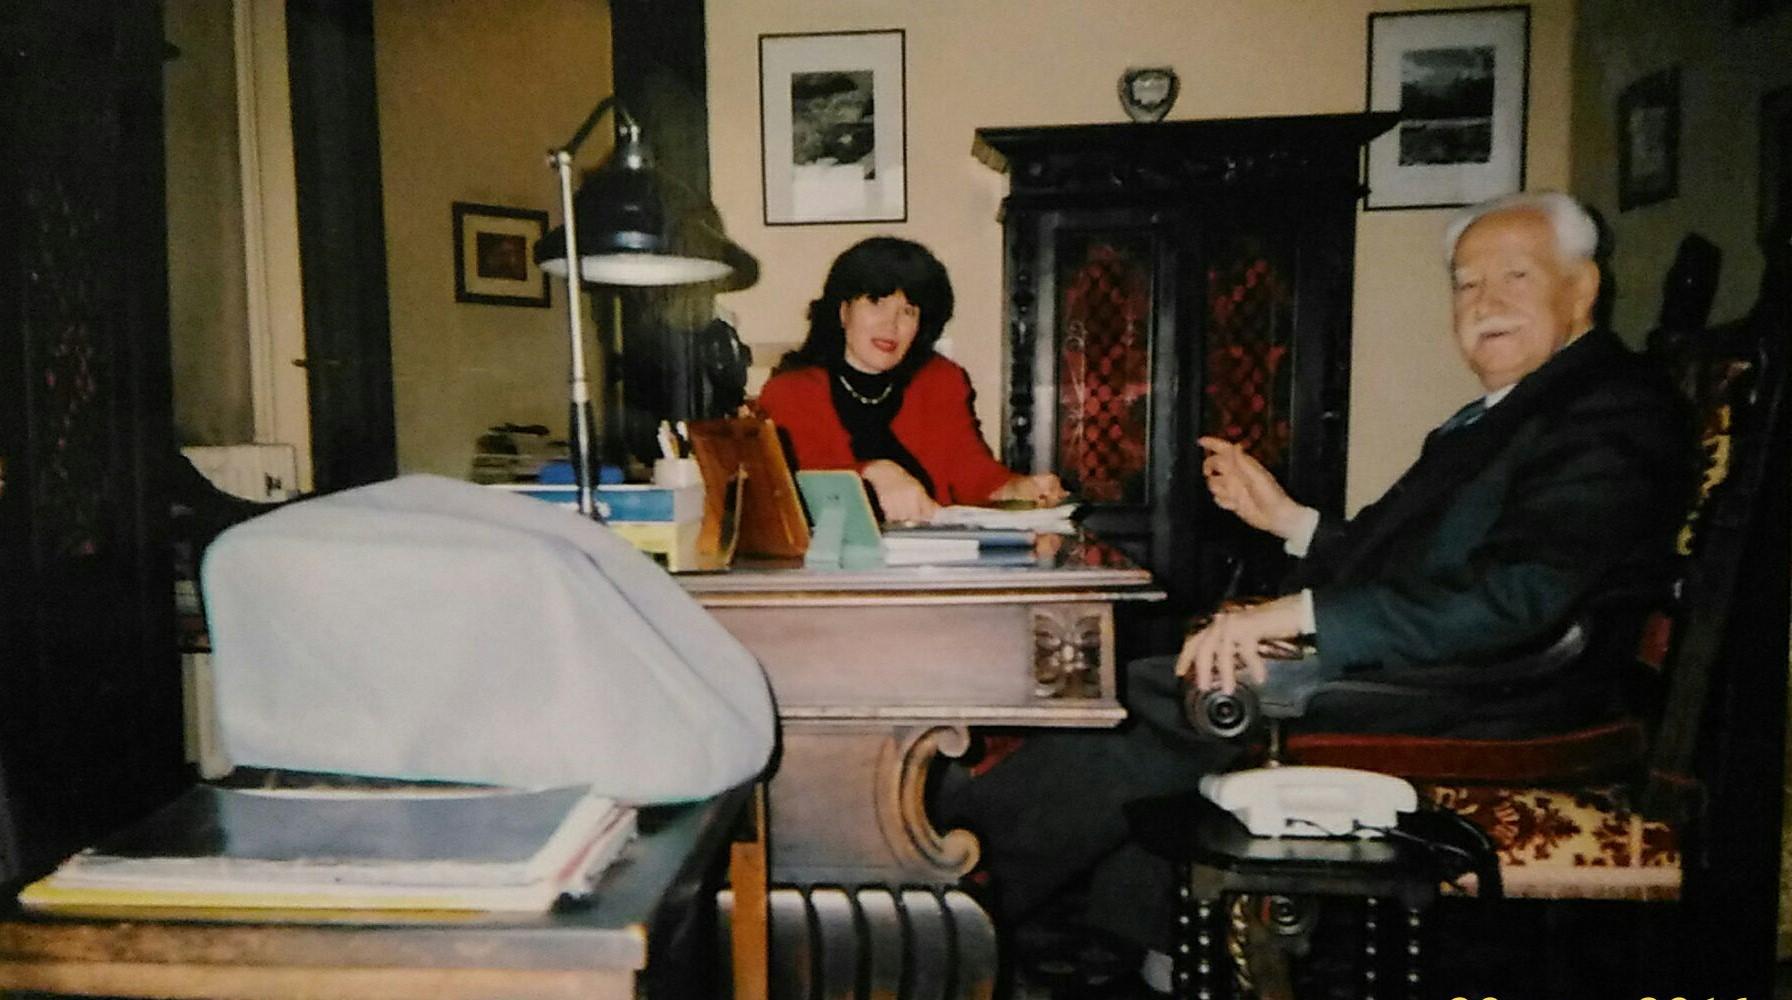 В адвокатской конторе. Турин. Май 1996